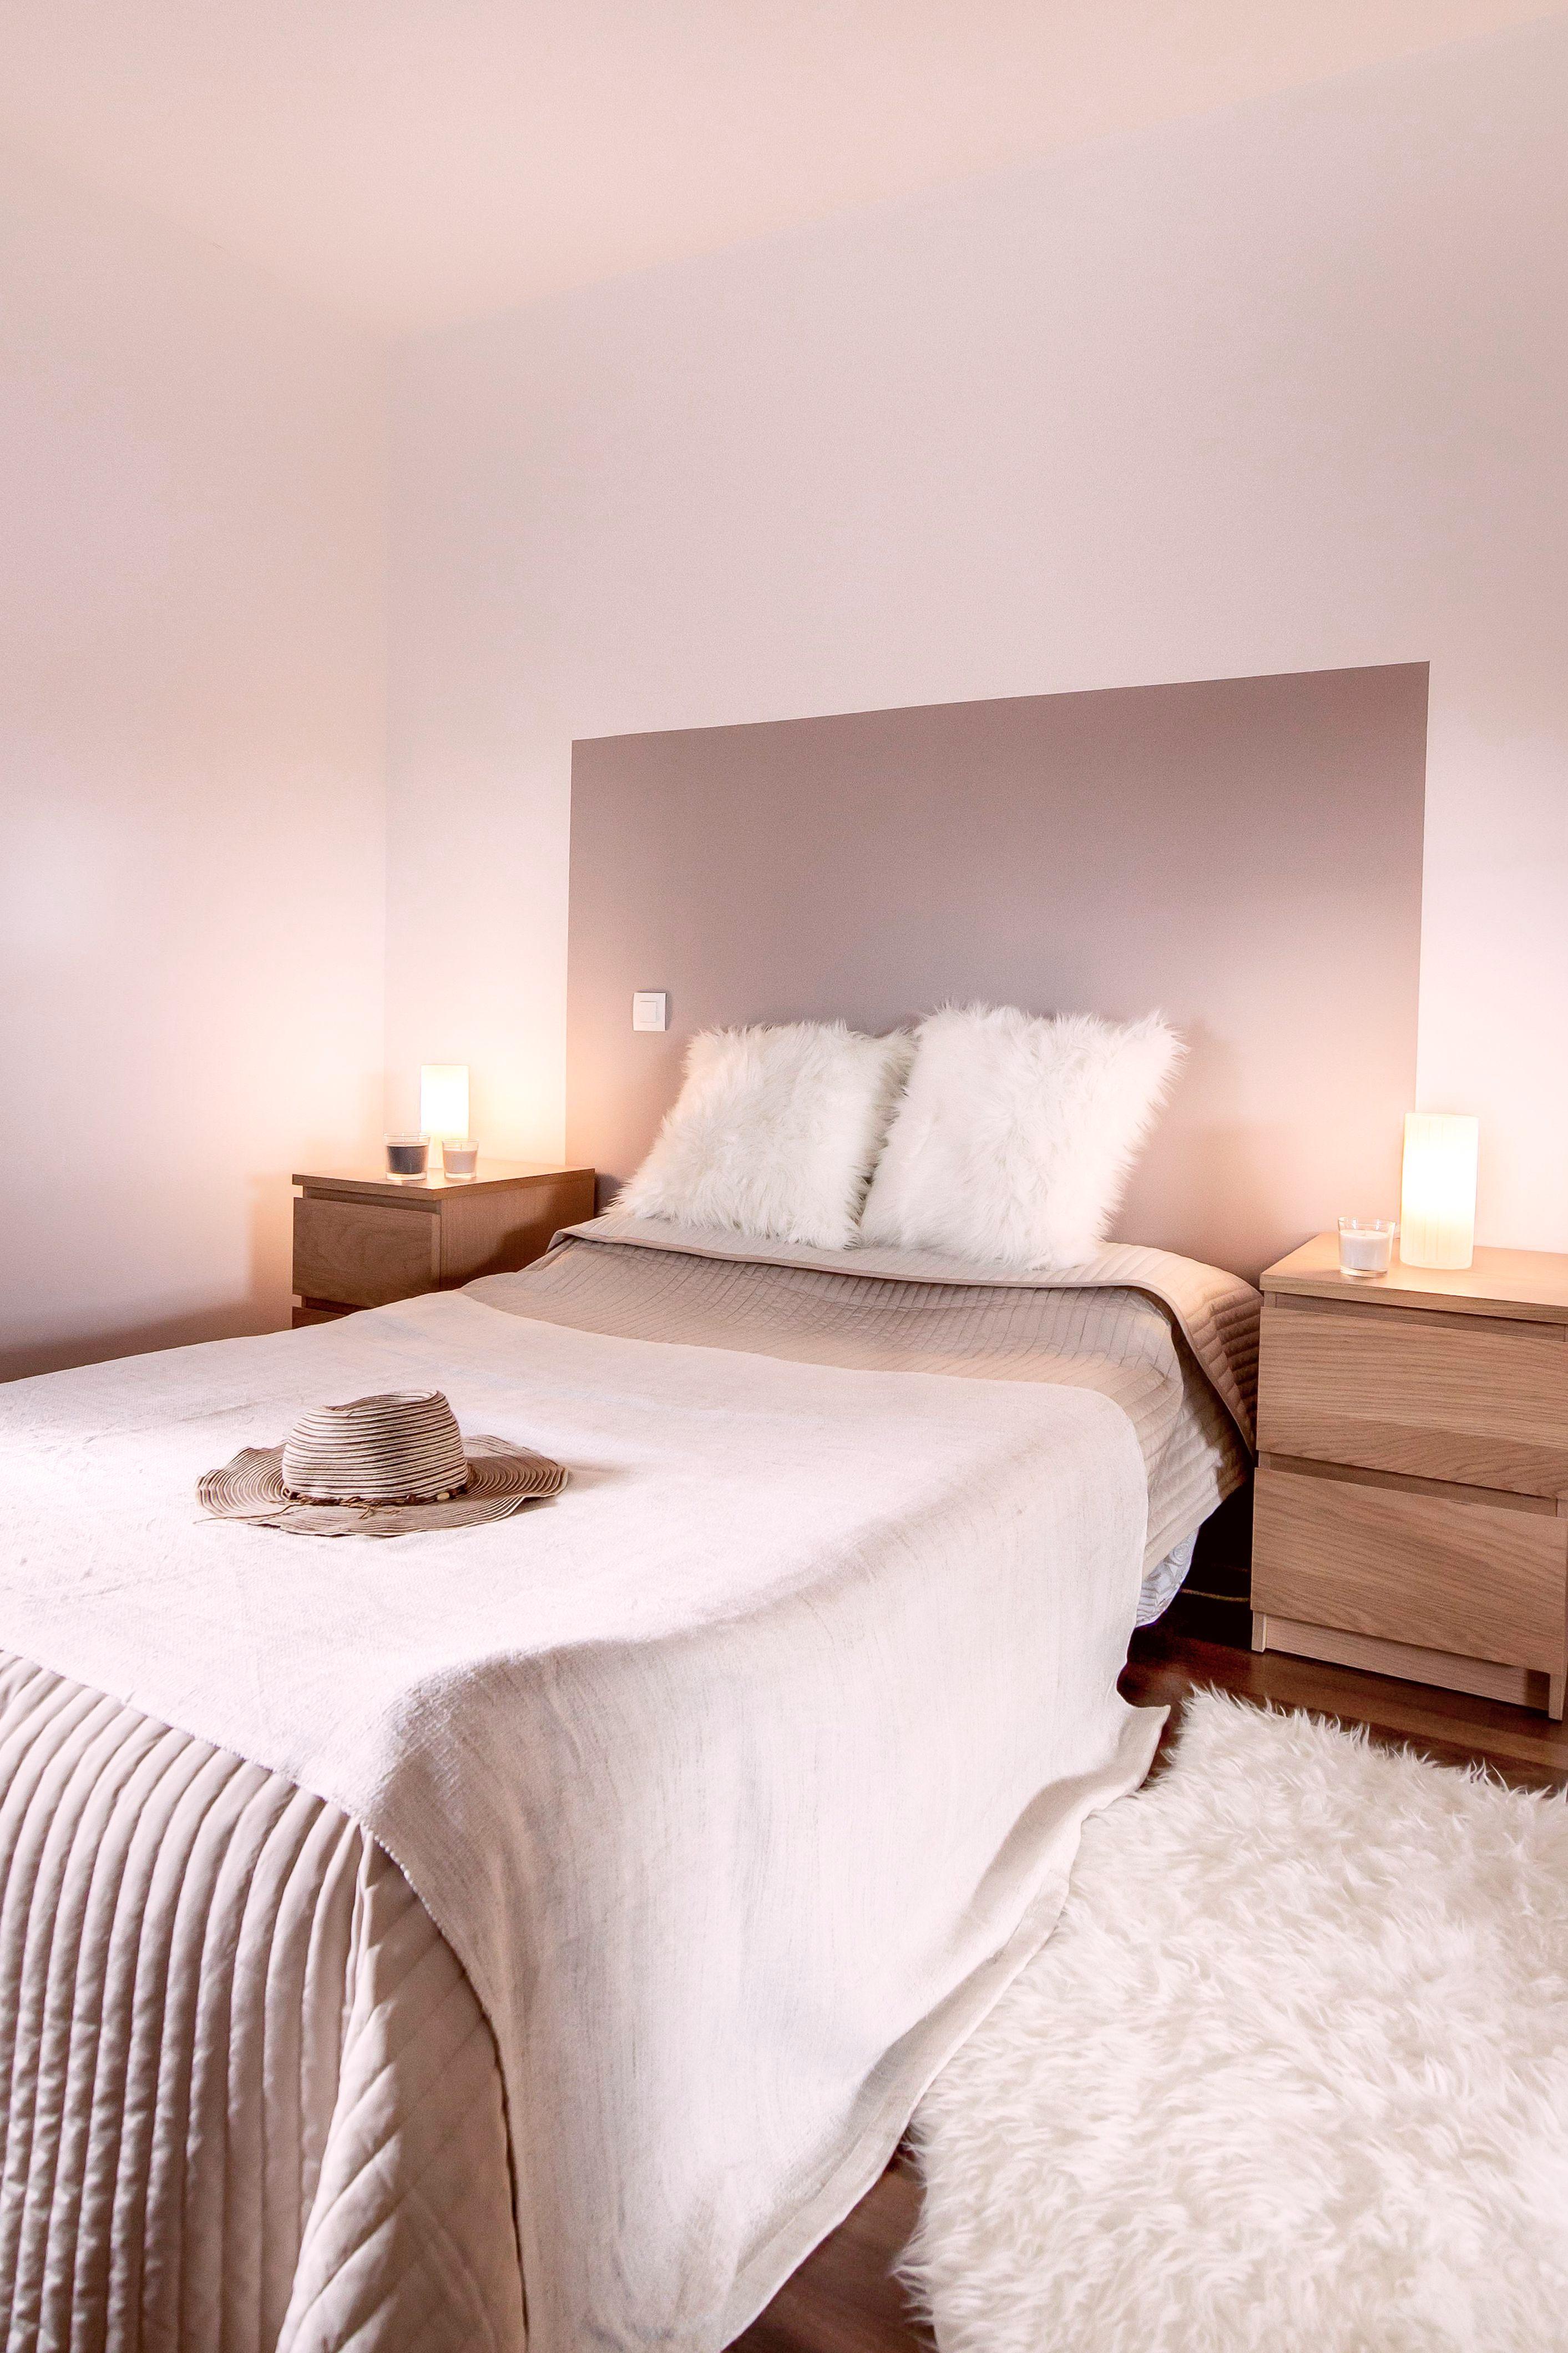 Tete De Lit Idee Nouveau Idees Deco Chambre Génial Chambre Decoration Taupe Et Blanc Beige